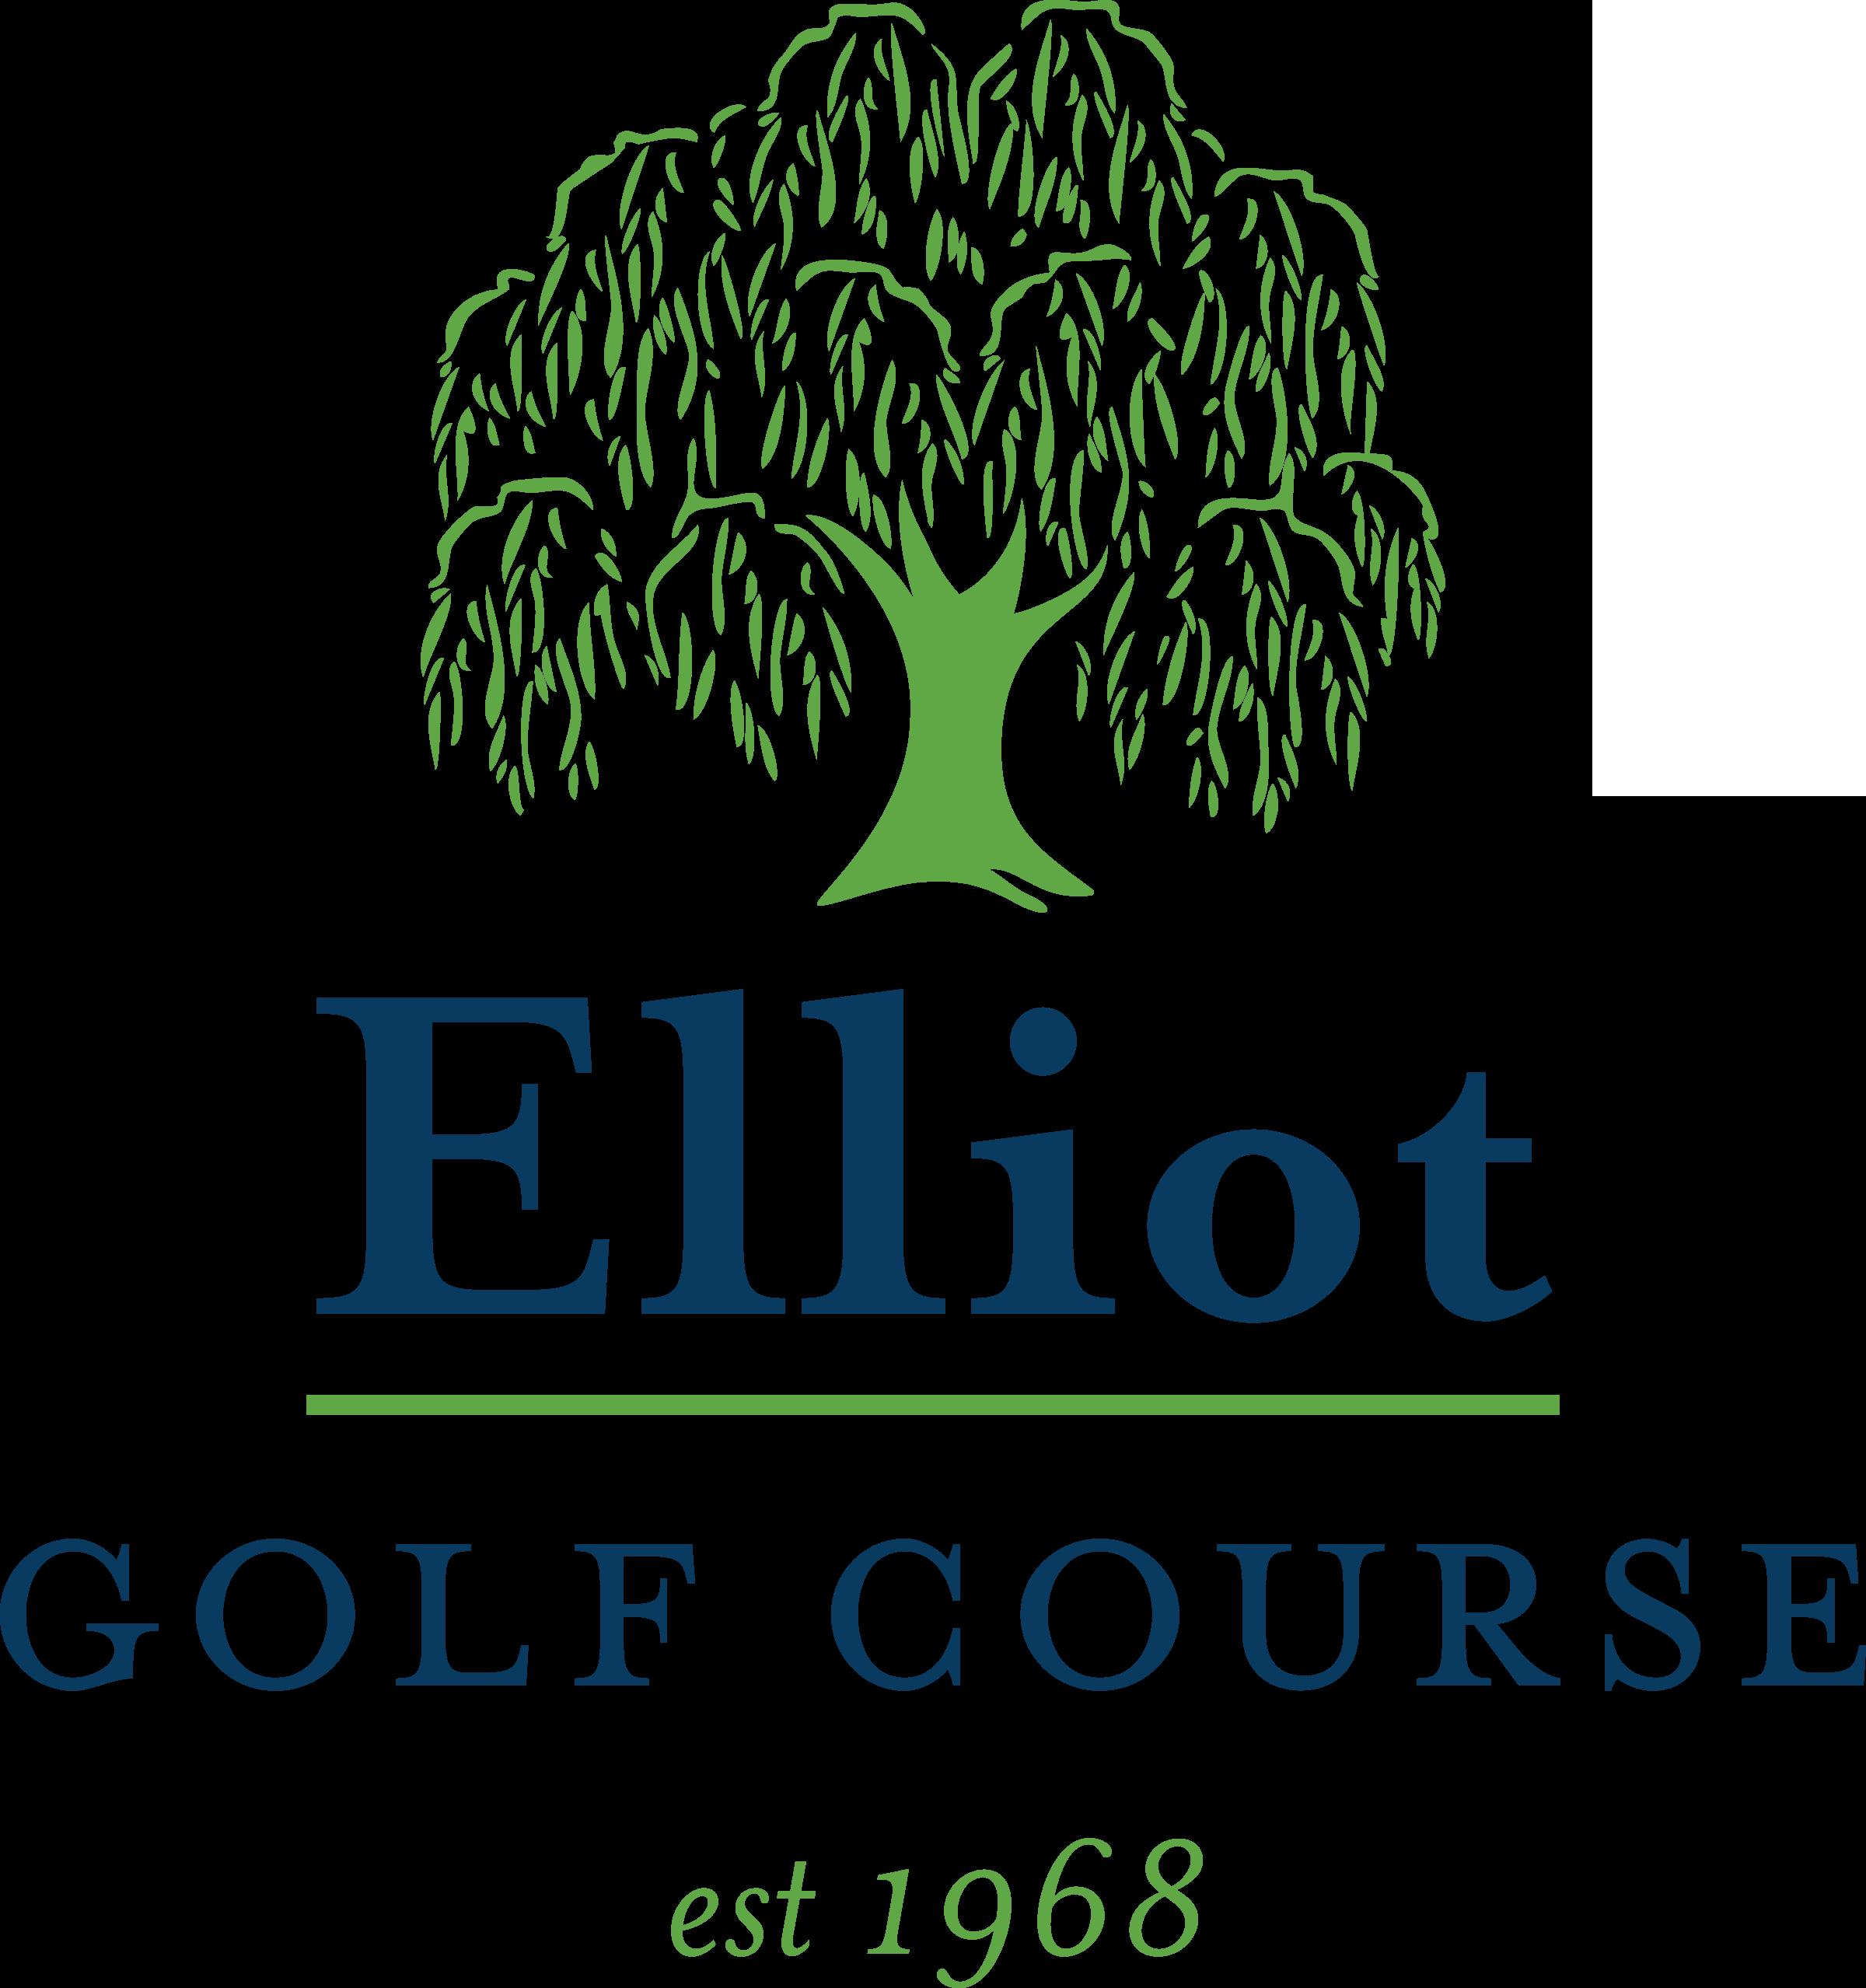 Elliot_GC_logo-C1.png